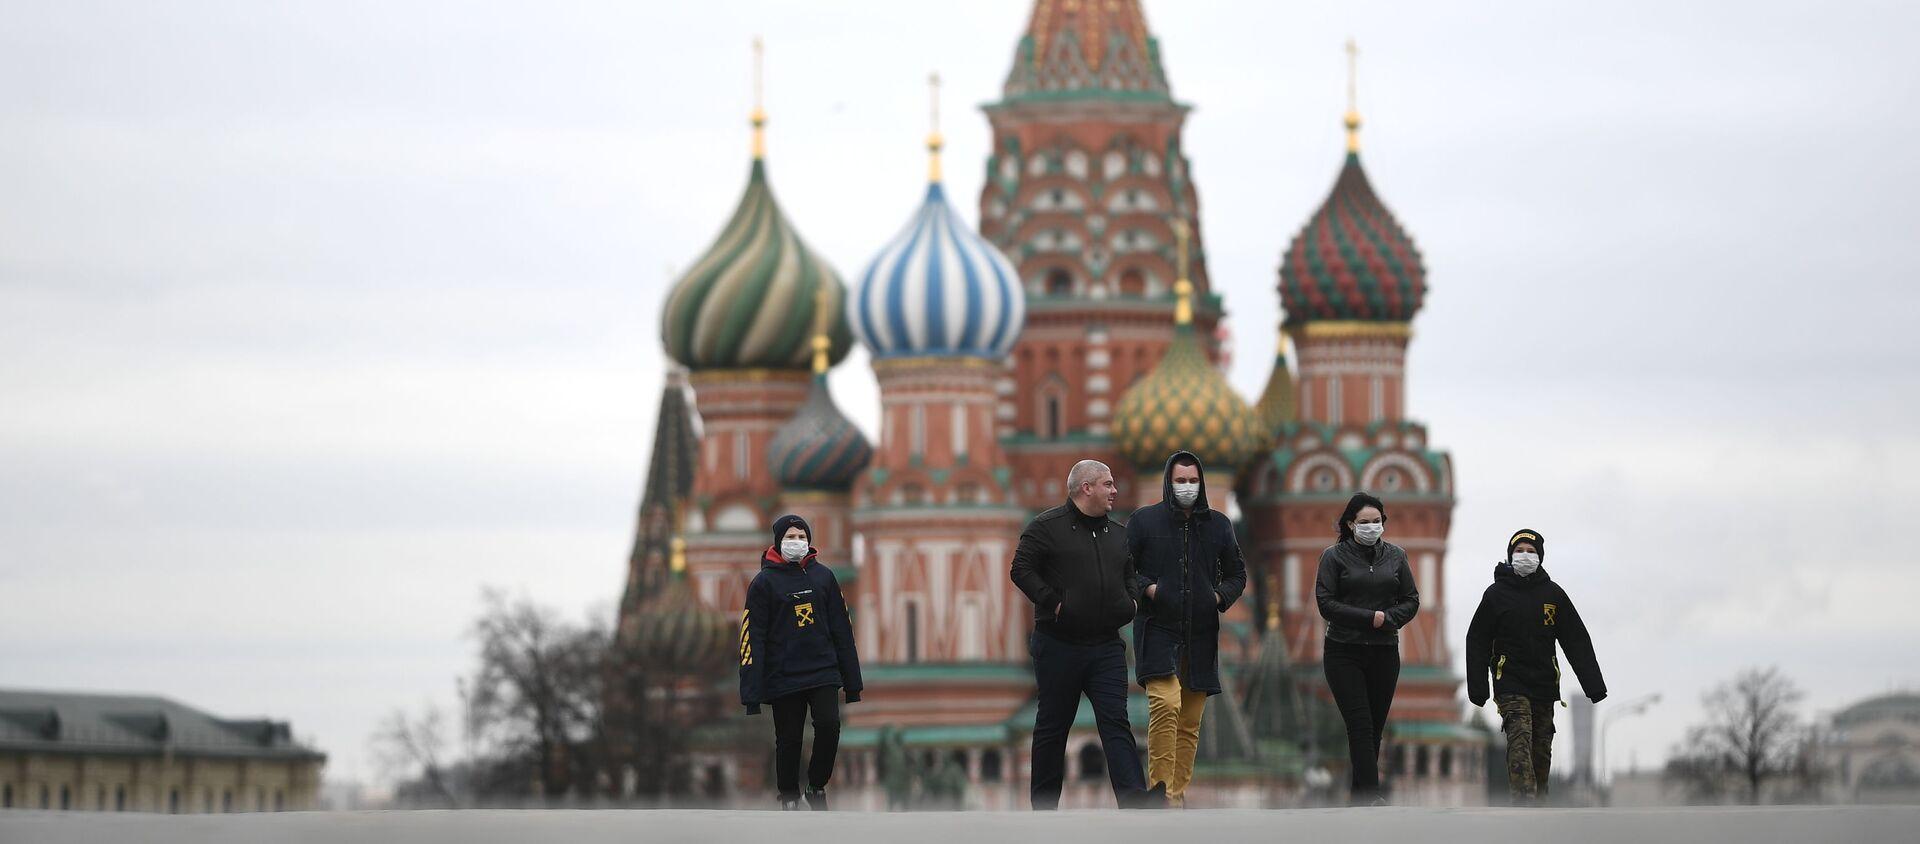 Прохожие в масках на Красной площади в Москве - Sputnik Узбекистан, 1920, 16.08.2020